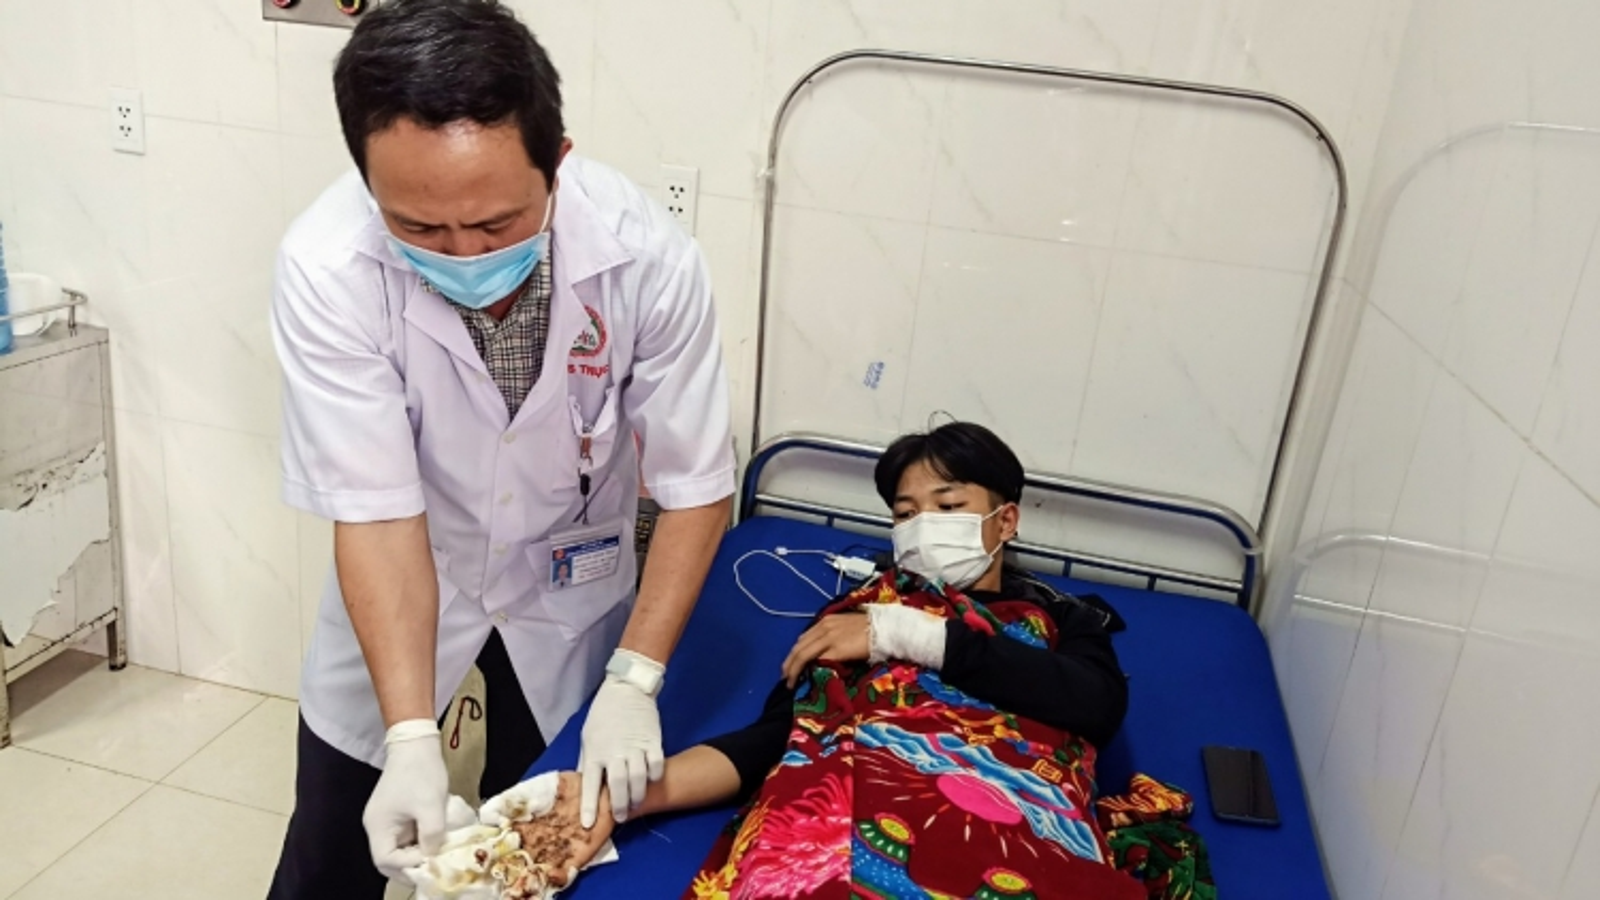 Nhiều trường hợp thương tích nặng do tai nạn pháo nổ ở Đắk Lắk